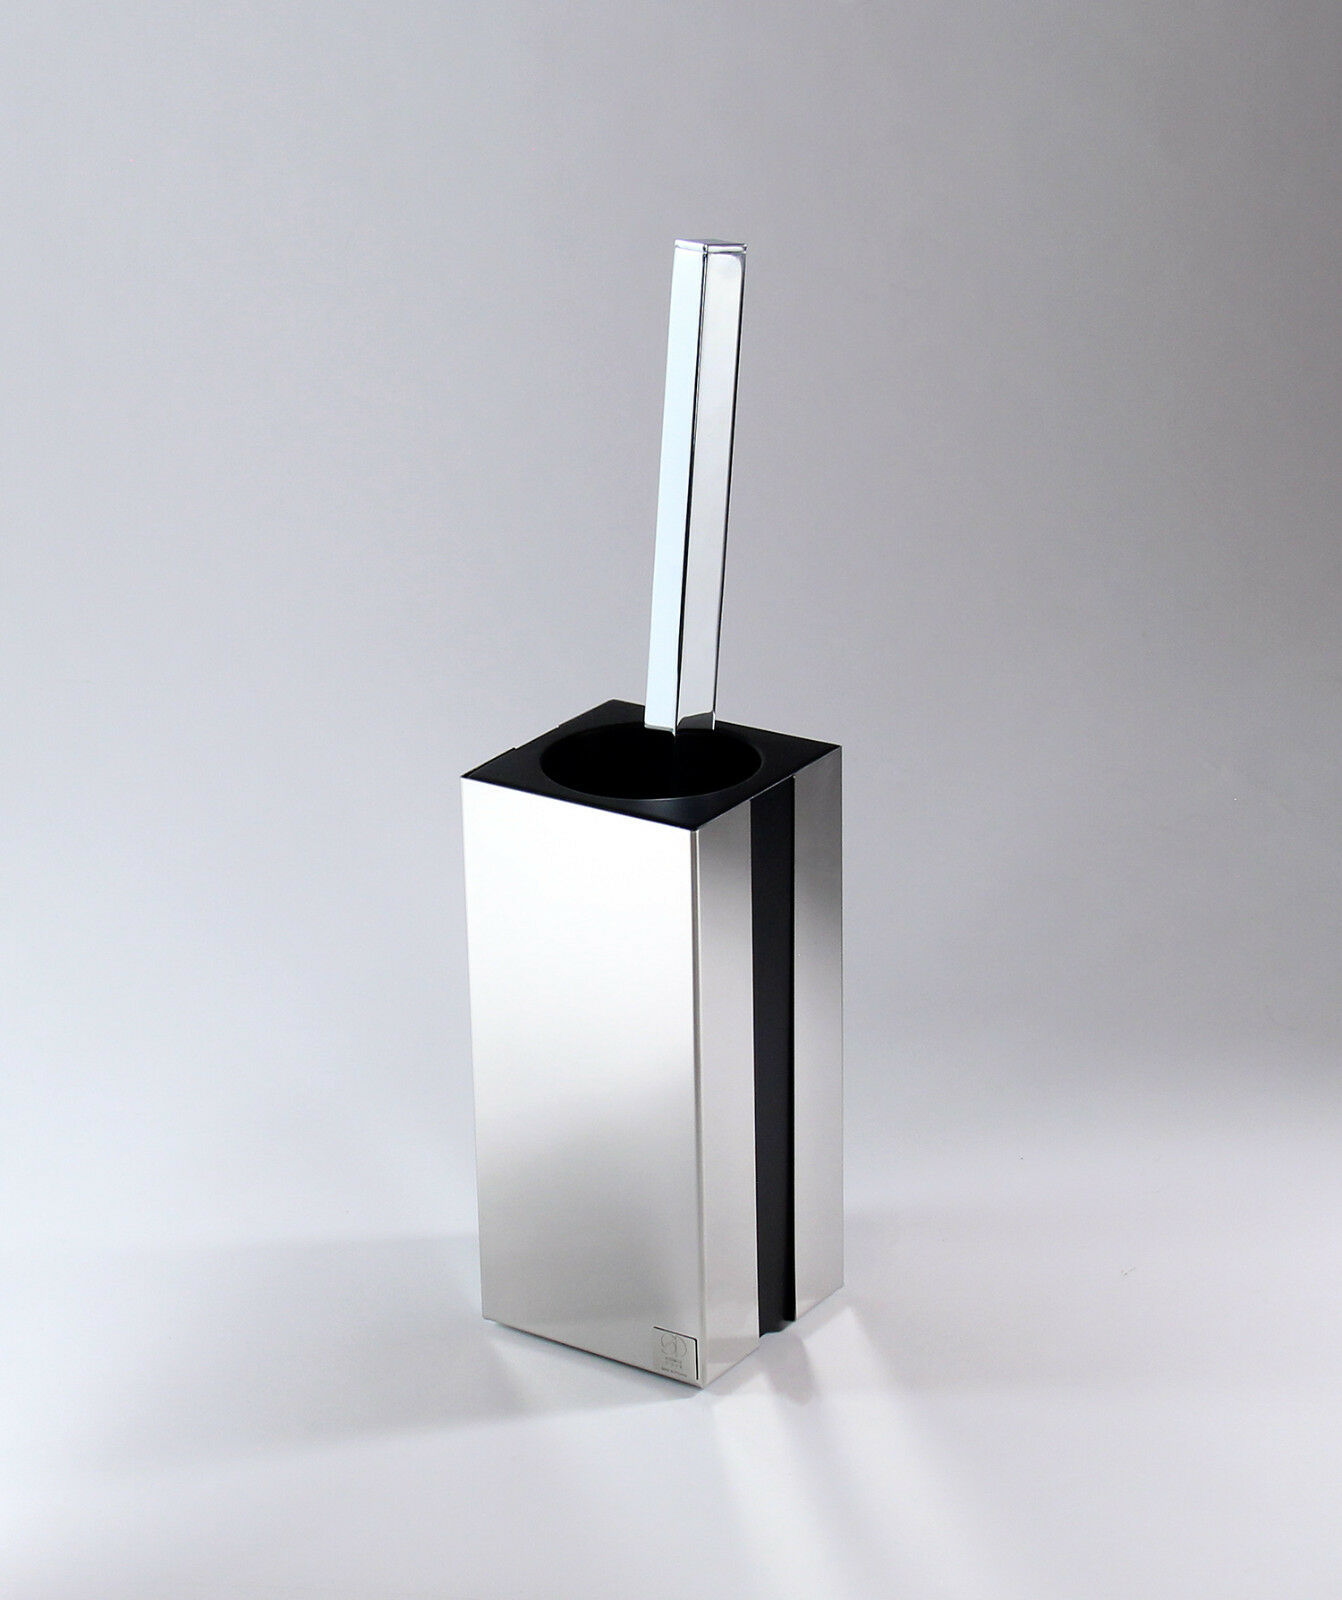 Toilettenbürstenhalter  WC-Bürste aus Edelstahl mit schwarzem Mineralguss